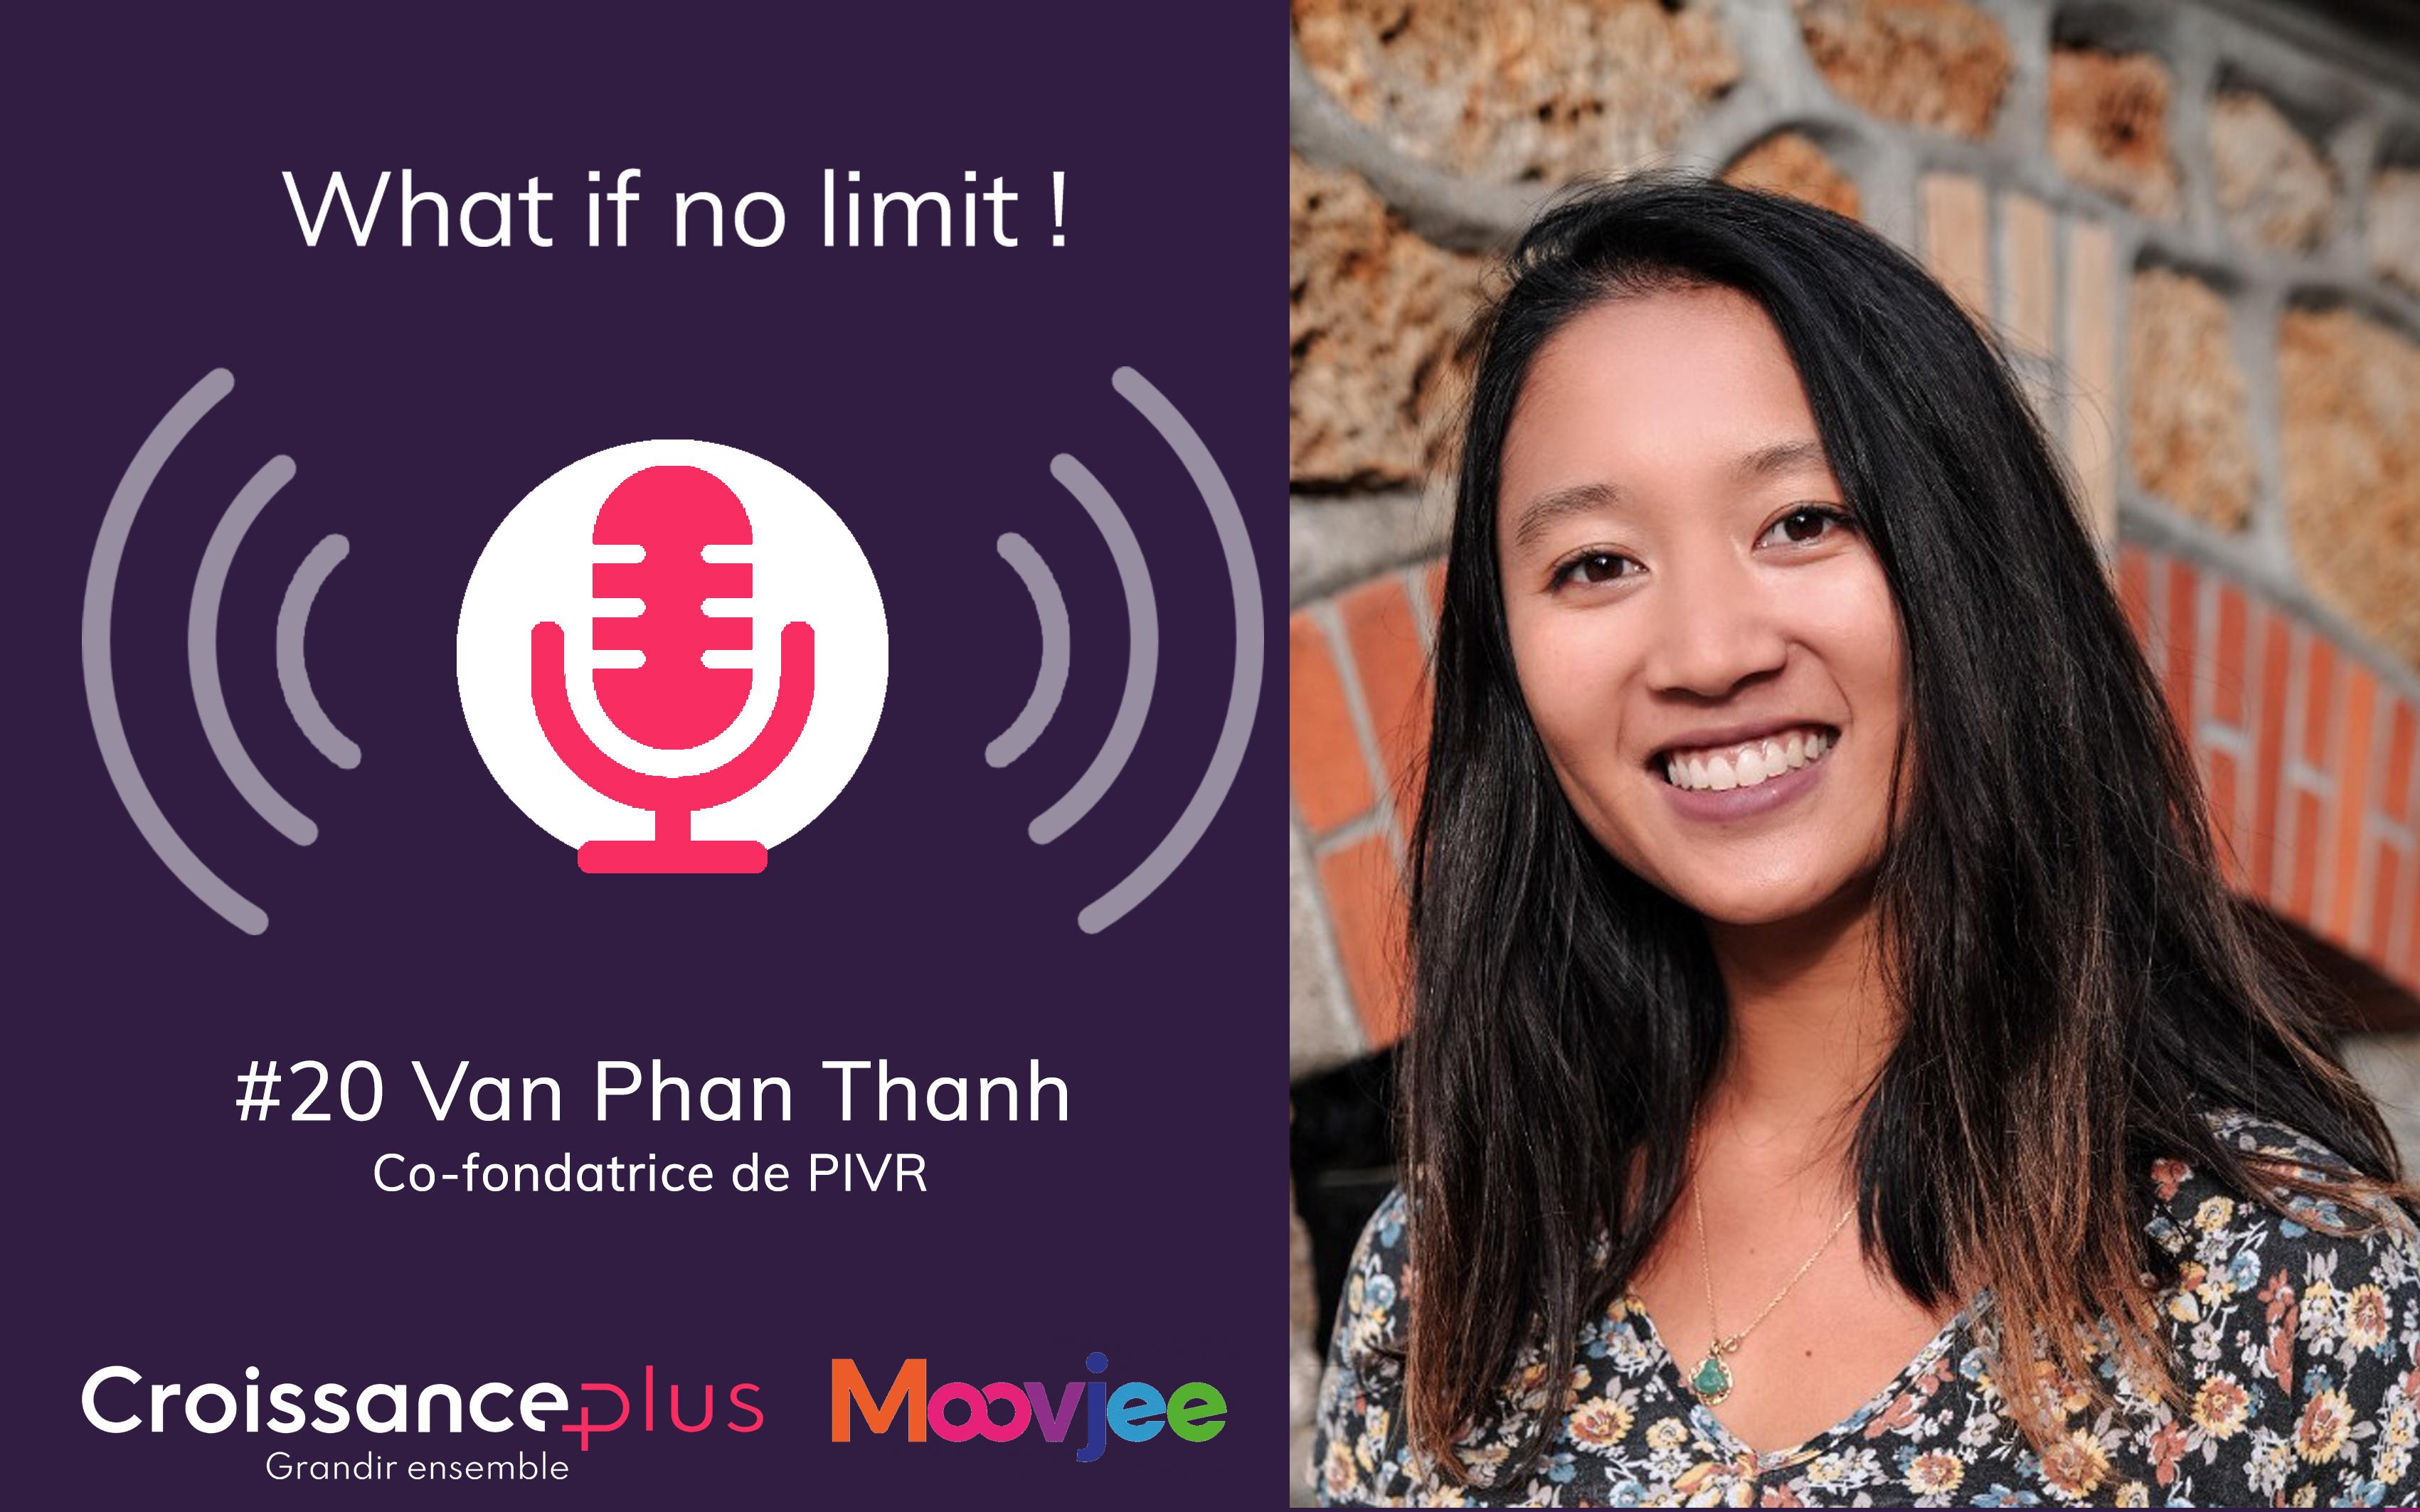 [Podcast] Nouvel épisode avec Van Phan Thanh, co-fondatrice de PIVR !